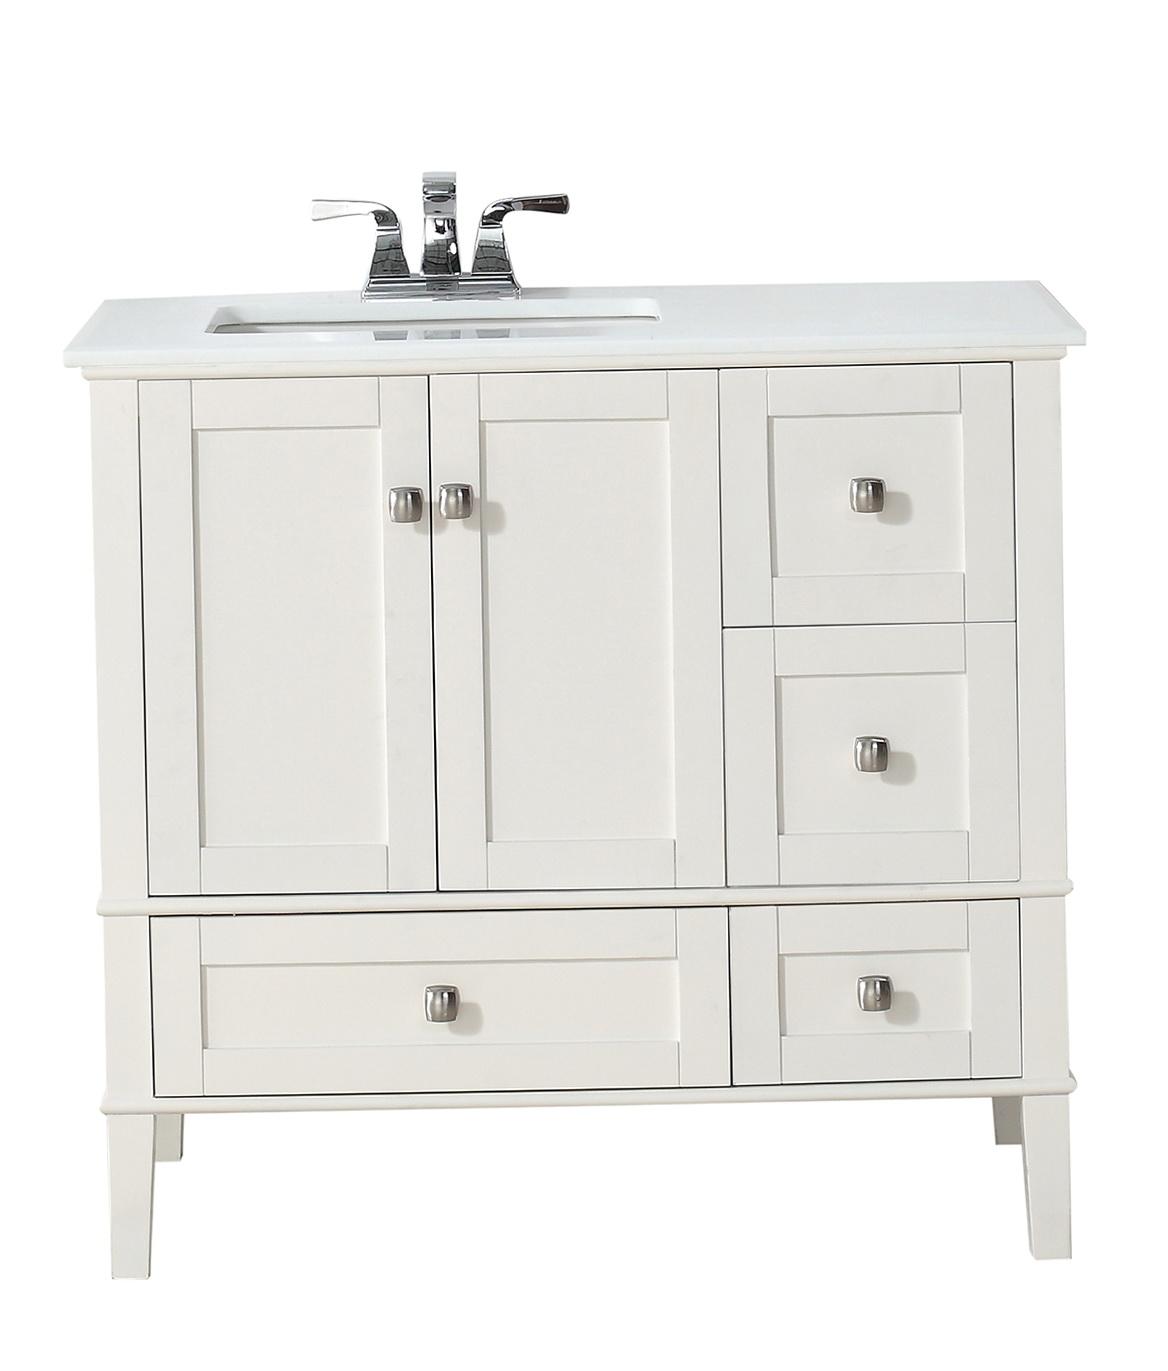 48 Inch Bathroom Vanity Left Hand Sink